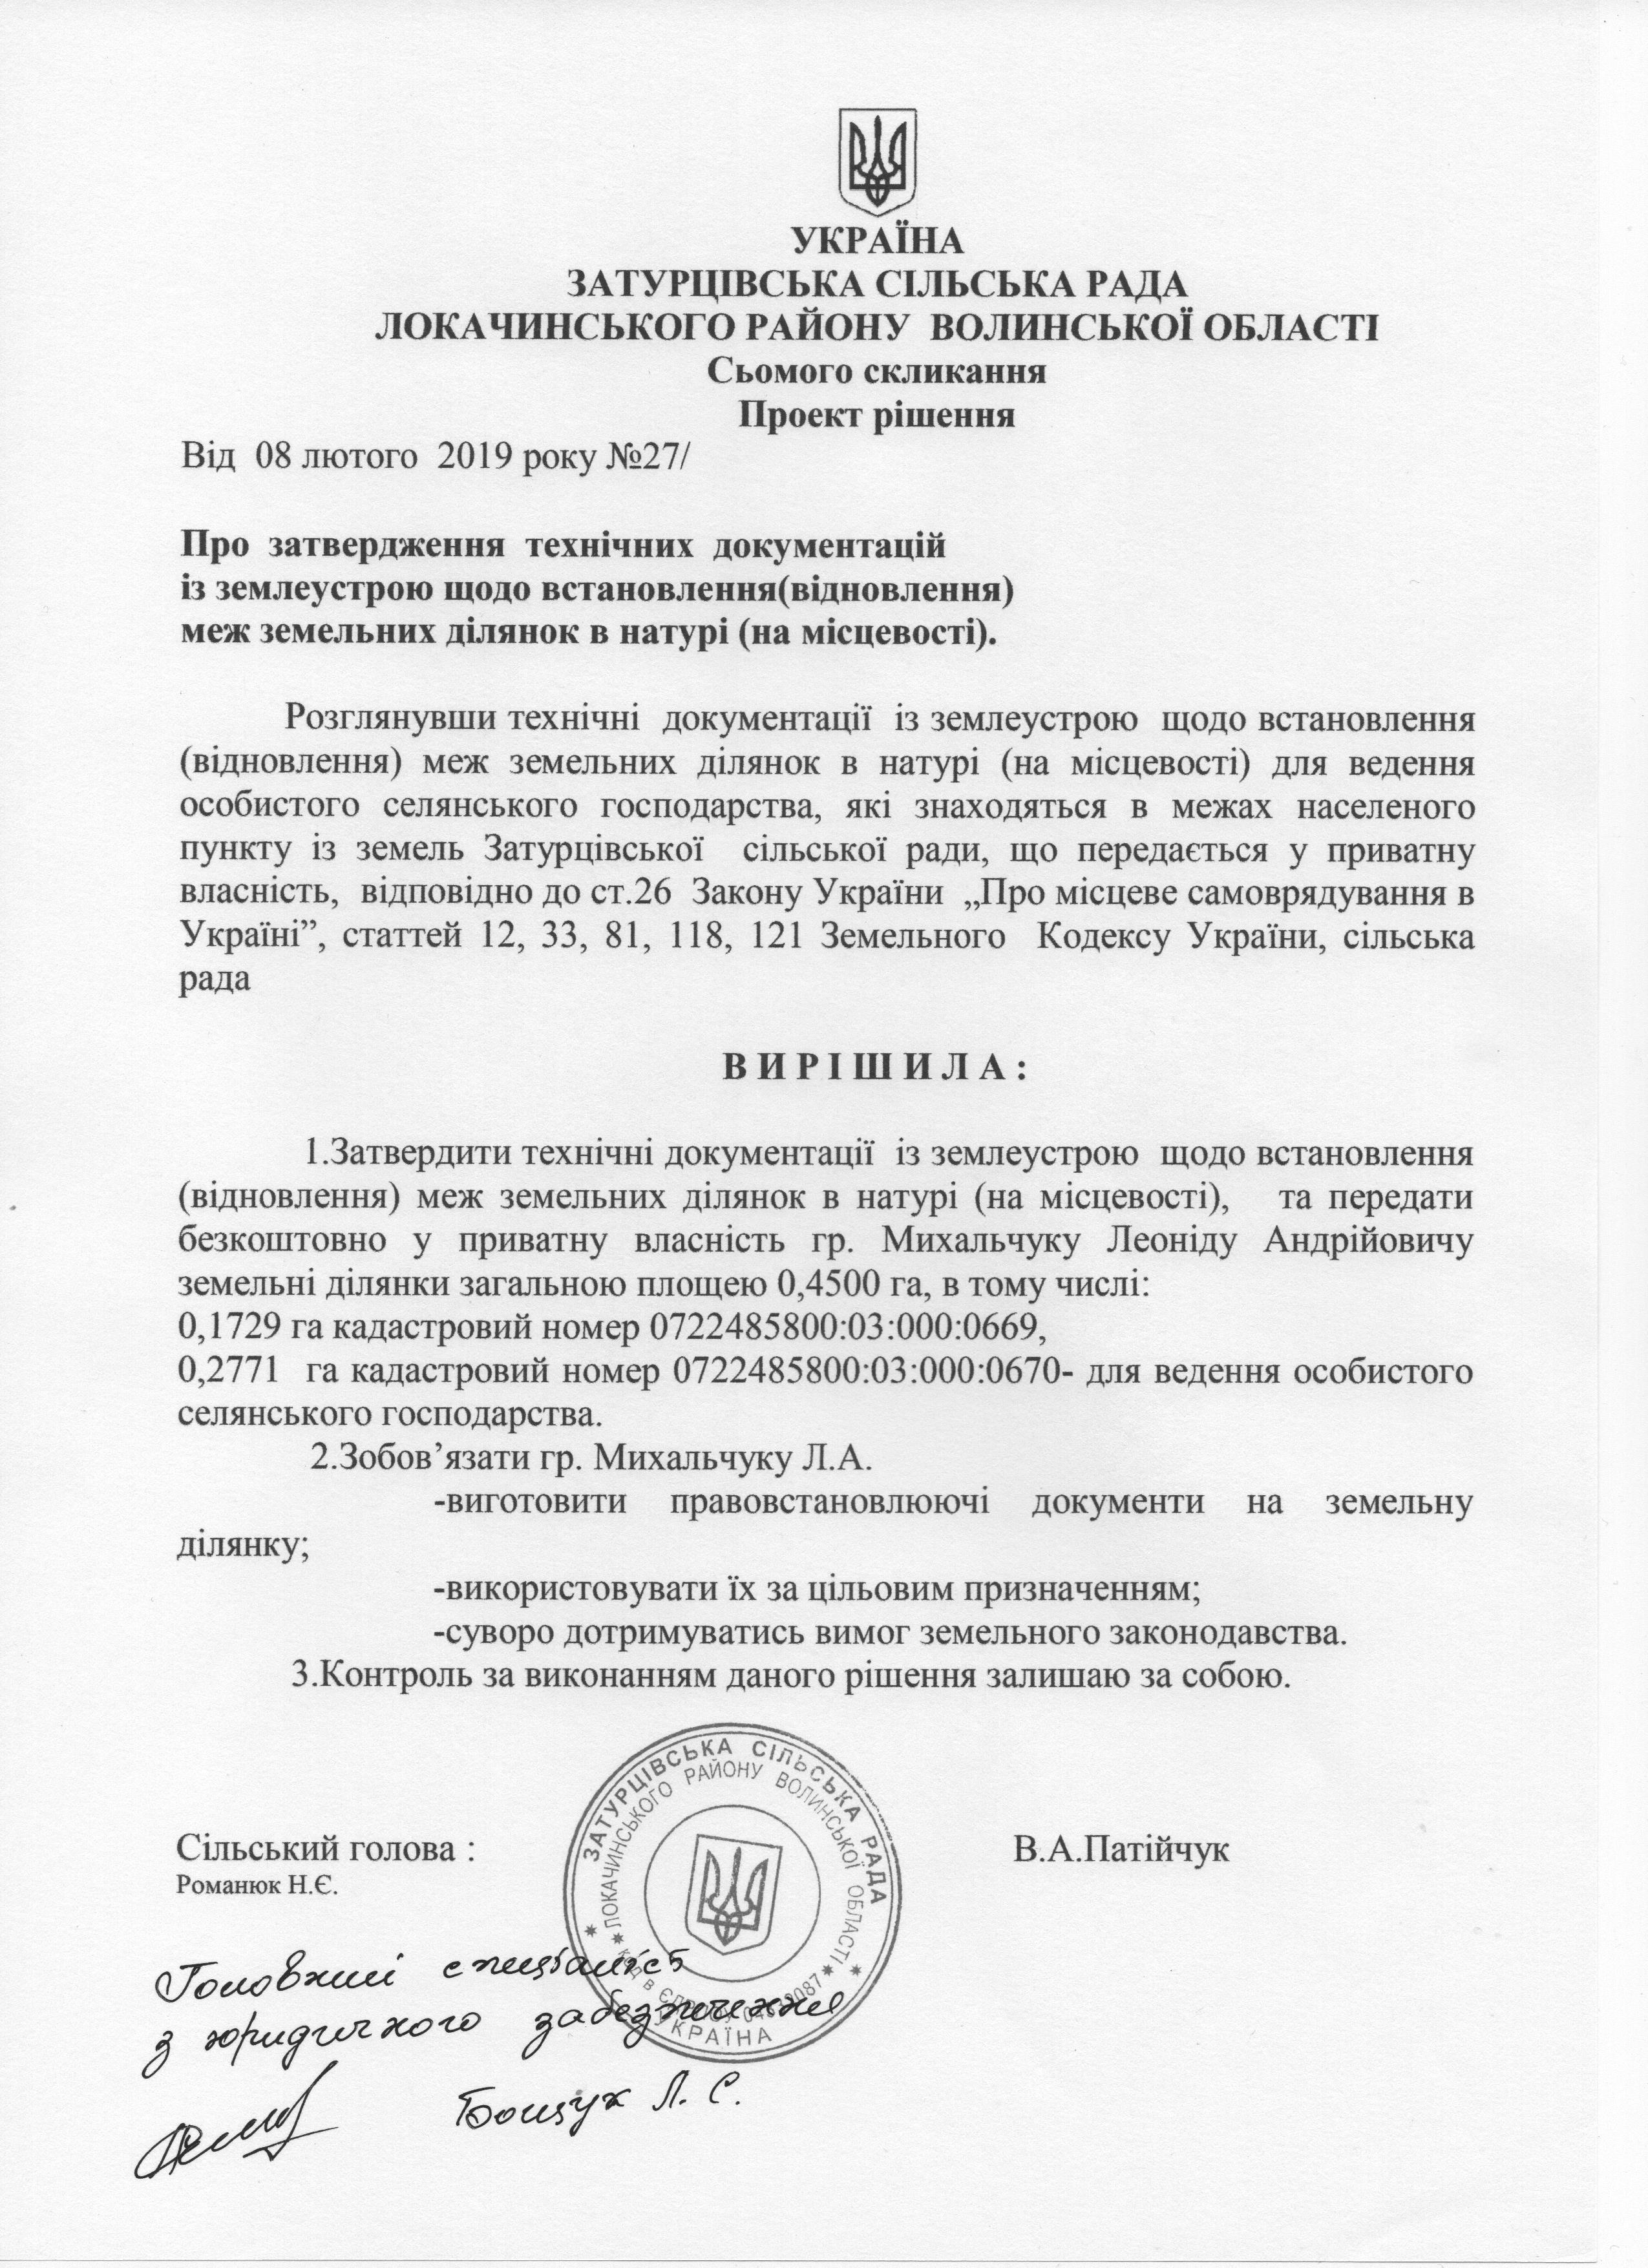 Михальчук Л.А.